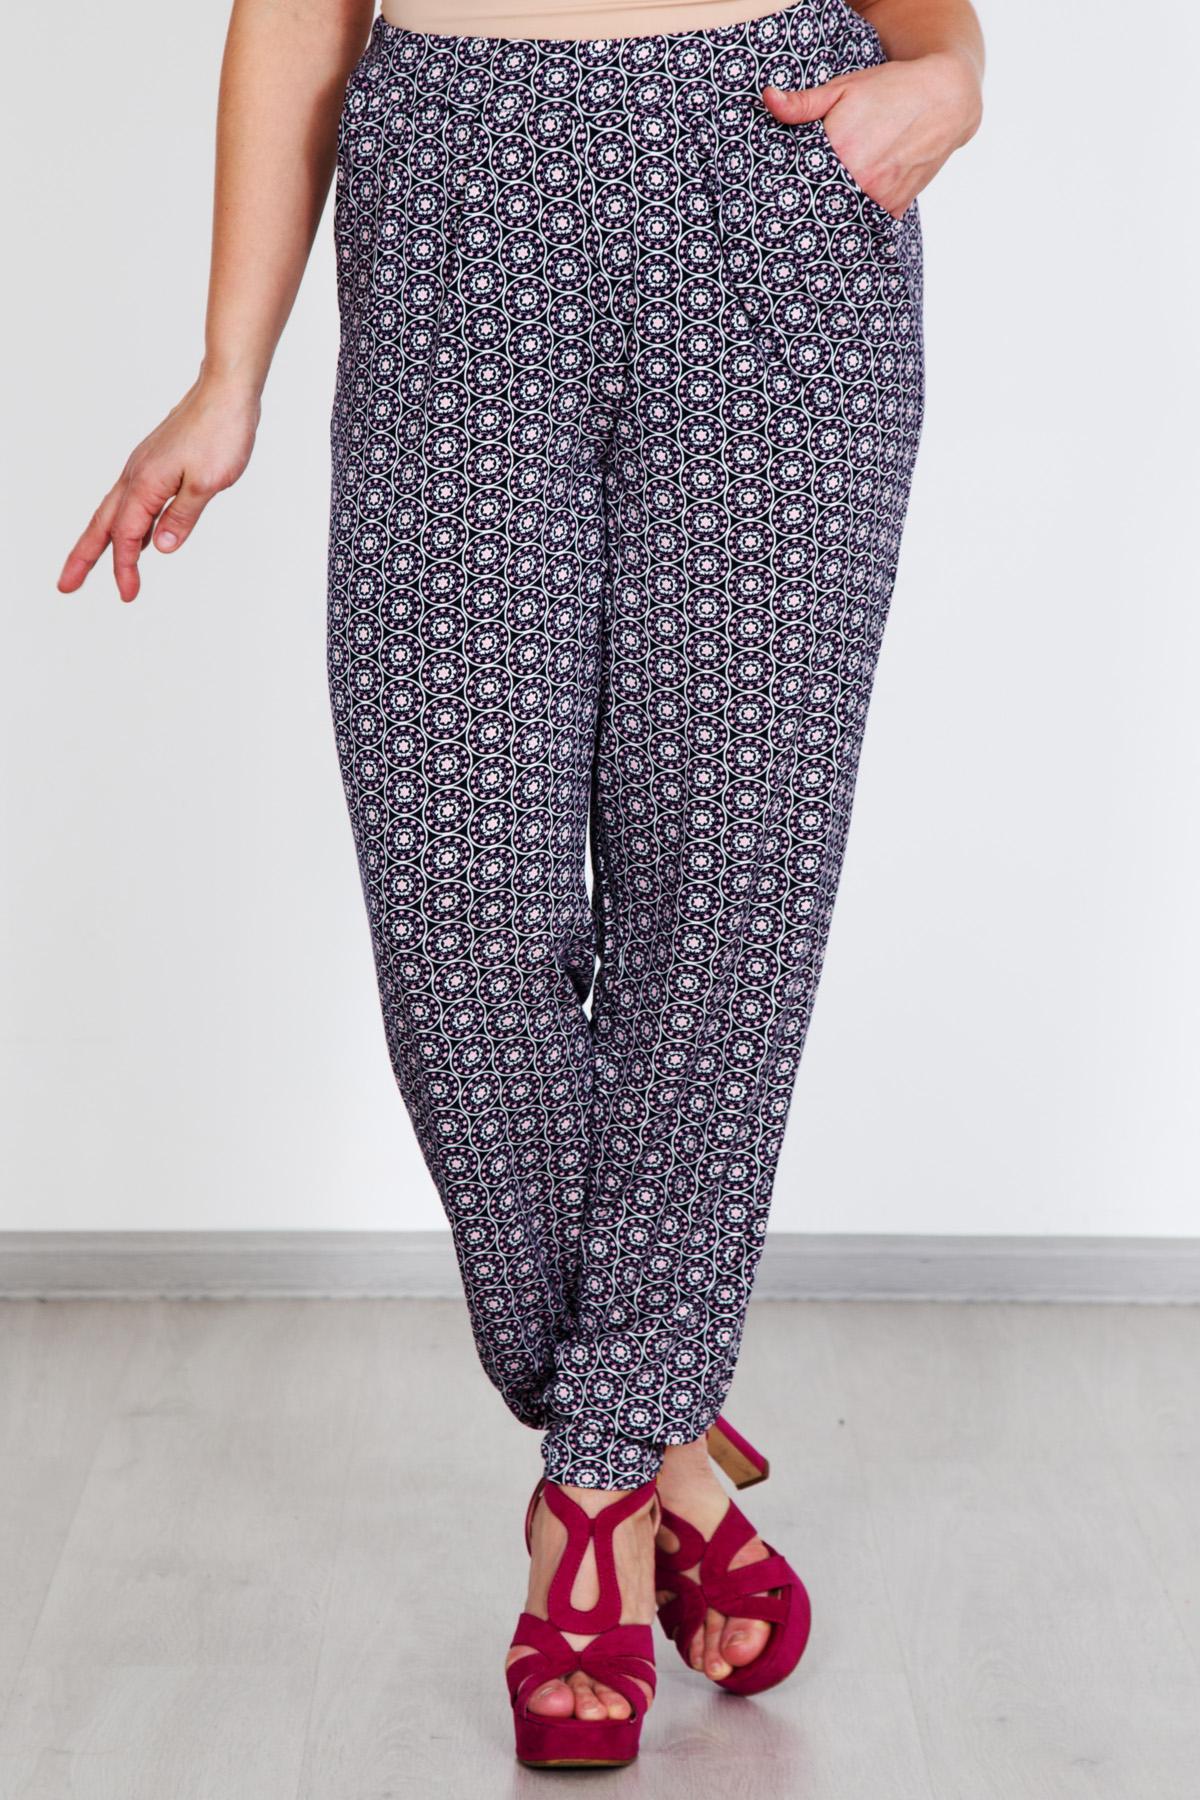 Жен. брюки Шахерезада р. 56Распродажа женской одежды<br>Обхват груди: 112 см <br>Обхват талии: 92 см <br>Обхват бедер: 120 см <br>Высота посадки: 30 см <br>Длина брючин по внут. шву: 78 см <br>Рост: 167 см<br><br>Тип: Жен. брюки<br>Размер: 56<br>Материал: Вискоза